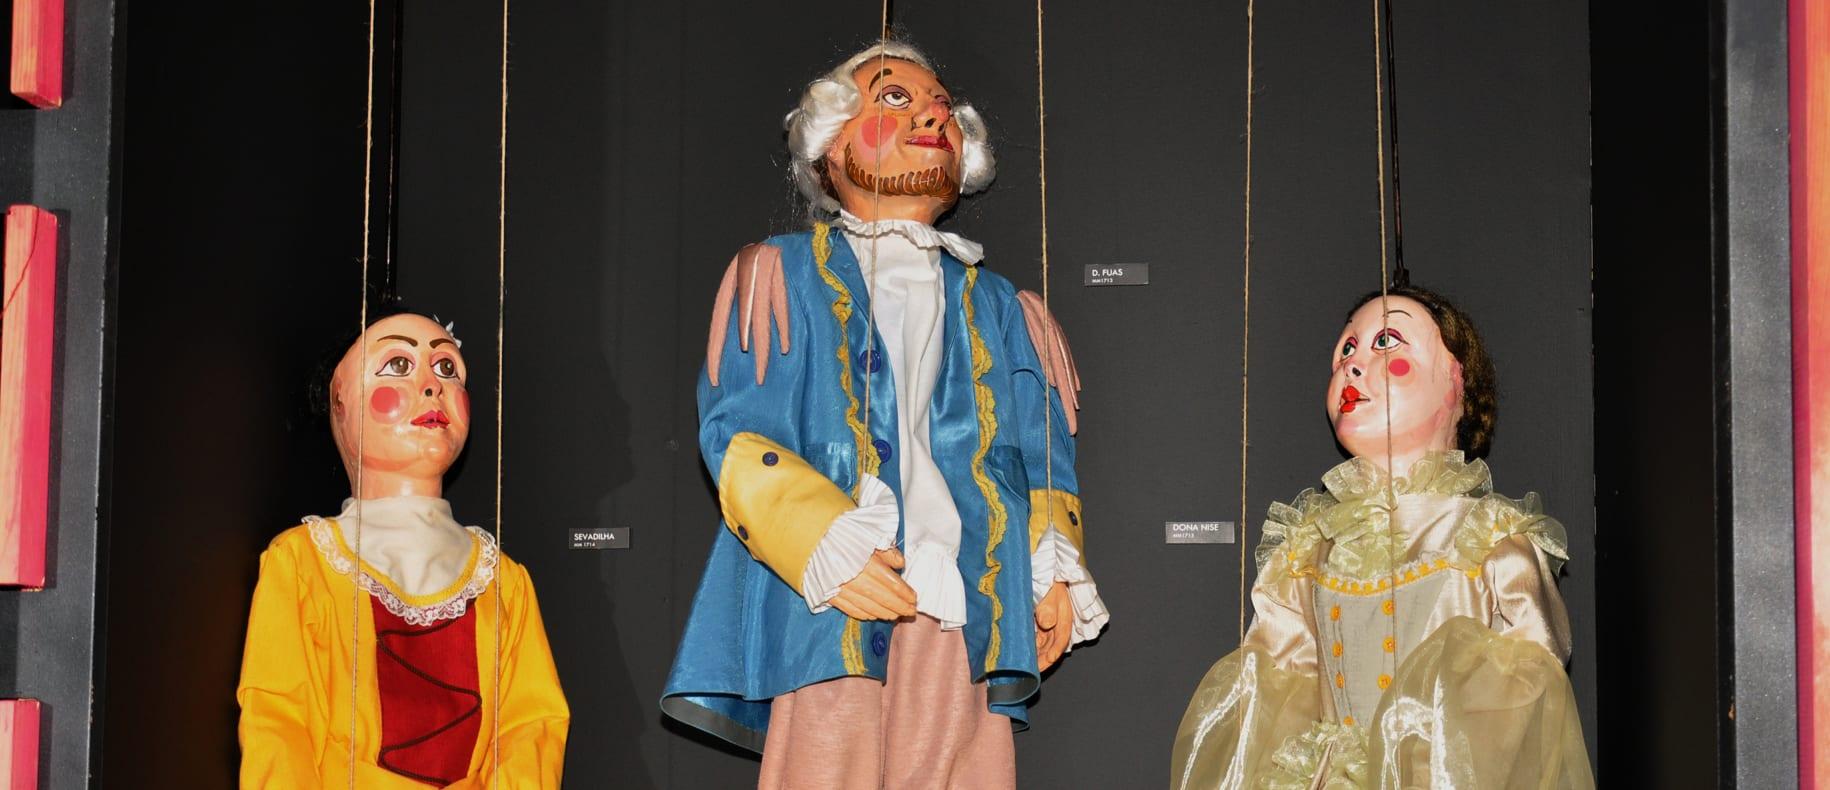 Sítios a visitar com crianças e toda a família: museu da marioneta